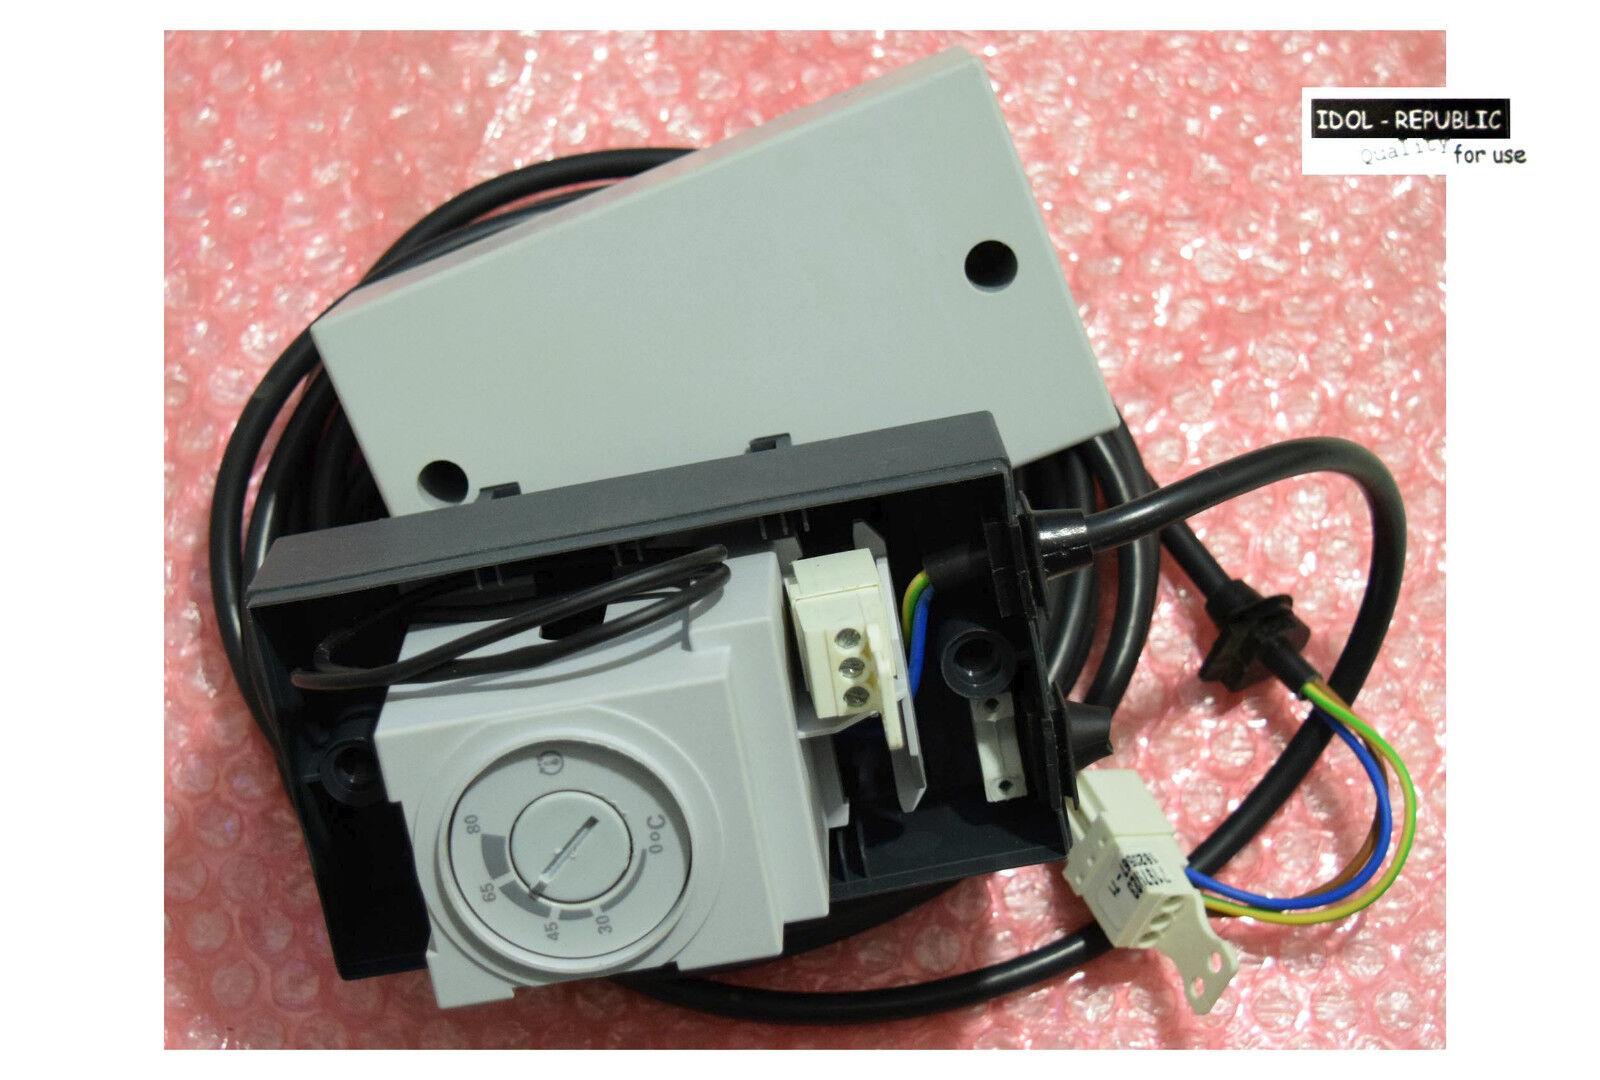 Viessmann 7151 729 Temperaturregler Fussbodenheizung - Anlege Thermostat Thermostat Thermostat 7151729 a6d285